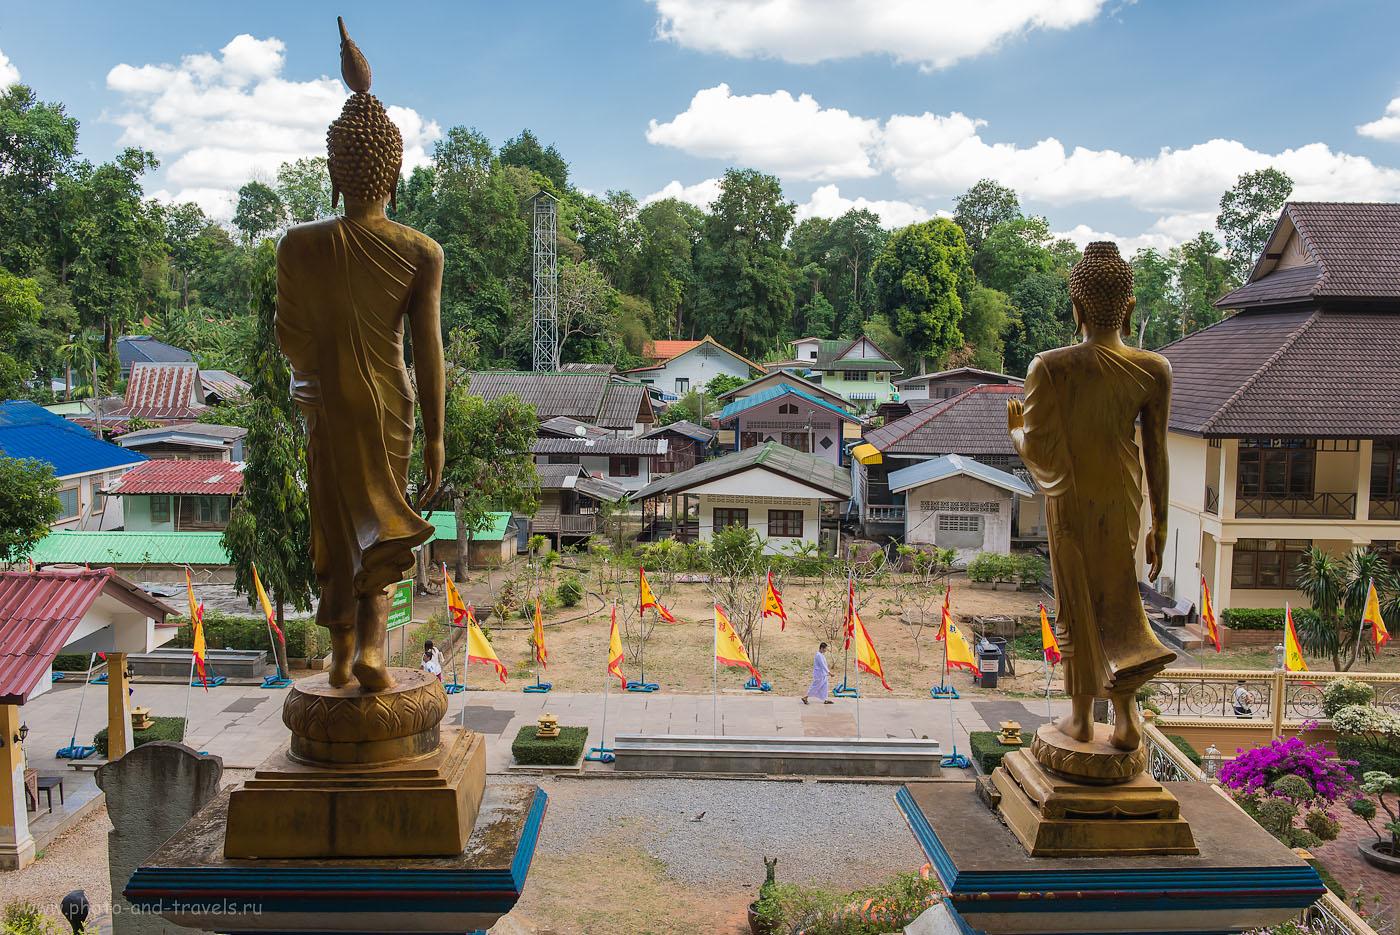 Фото 9.  Поездка по Таиланду на арендованной машине. Отдых в провинции Краби. Что посмотреть. У начала восхождения гору с Тигровым Храмом (500, 32, 7.1, 1/160)